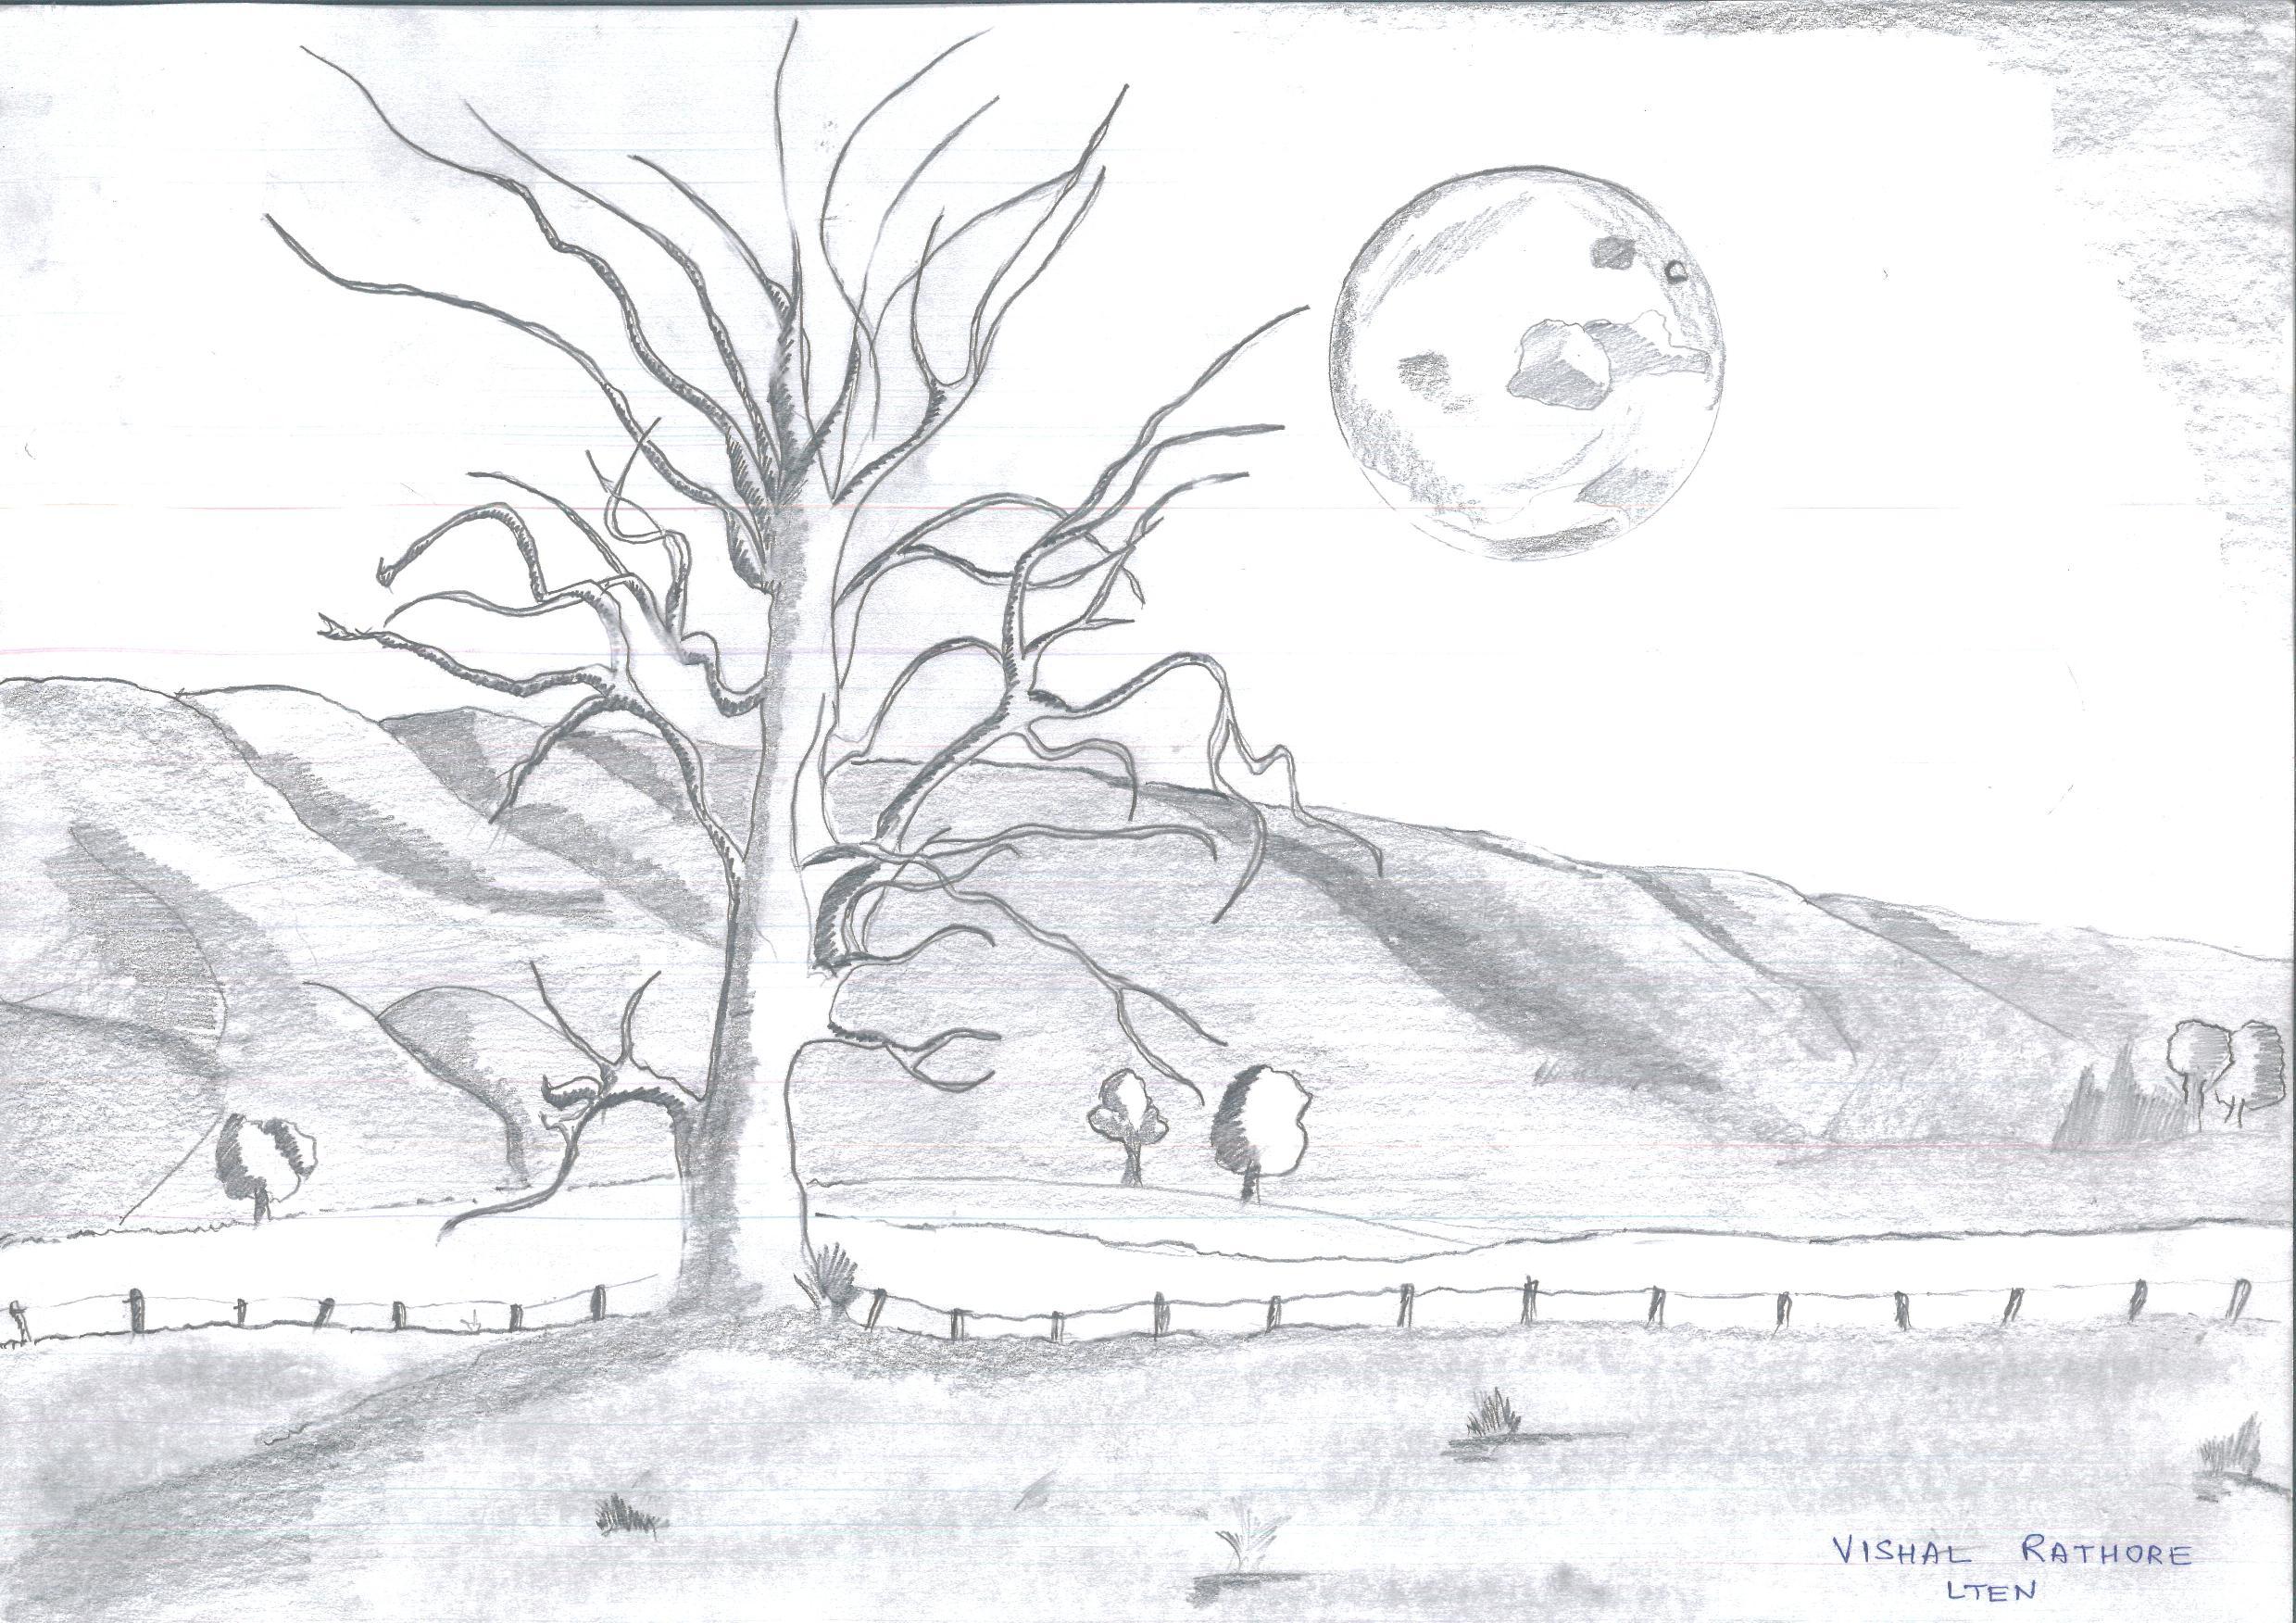 Vishal Rathore (LTEN)-page-001